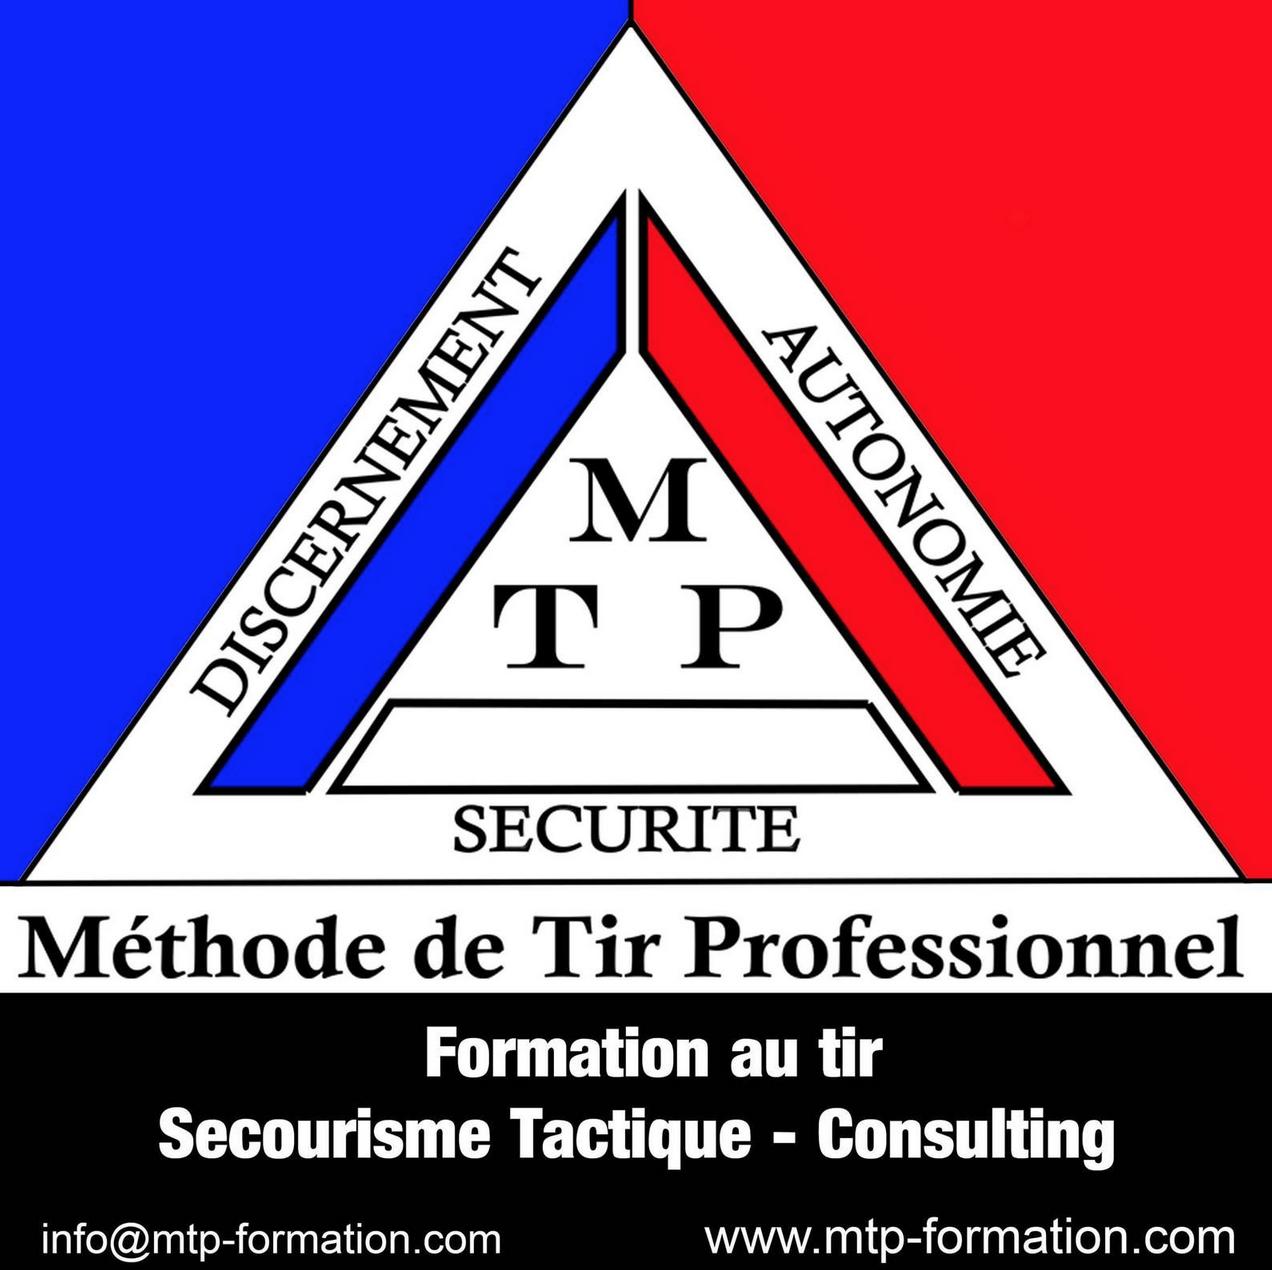 Frédéric Faudemer valide et termine premier à la formation d'opérateur qualifié en secourisme tactique deuxième niveau organisé par MTP Formation